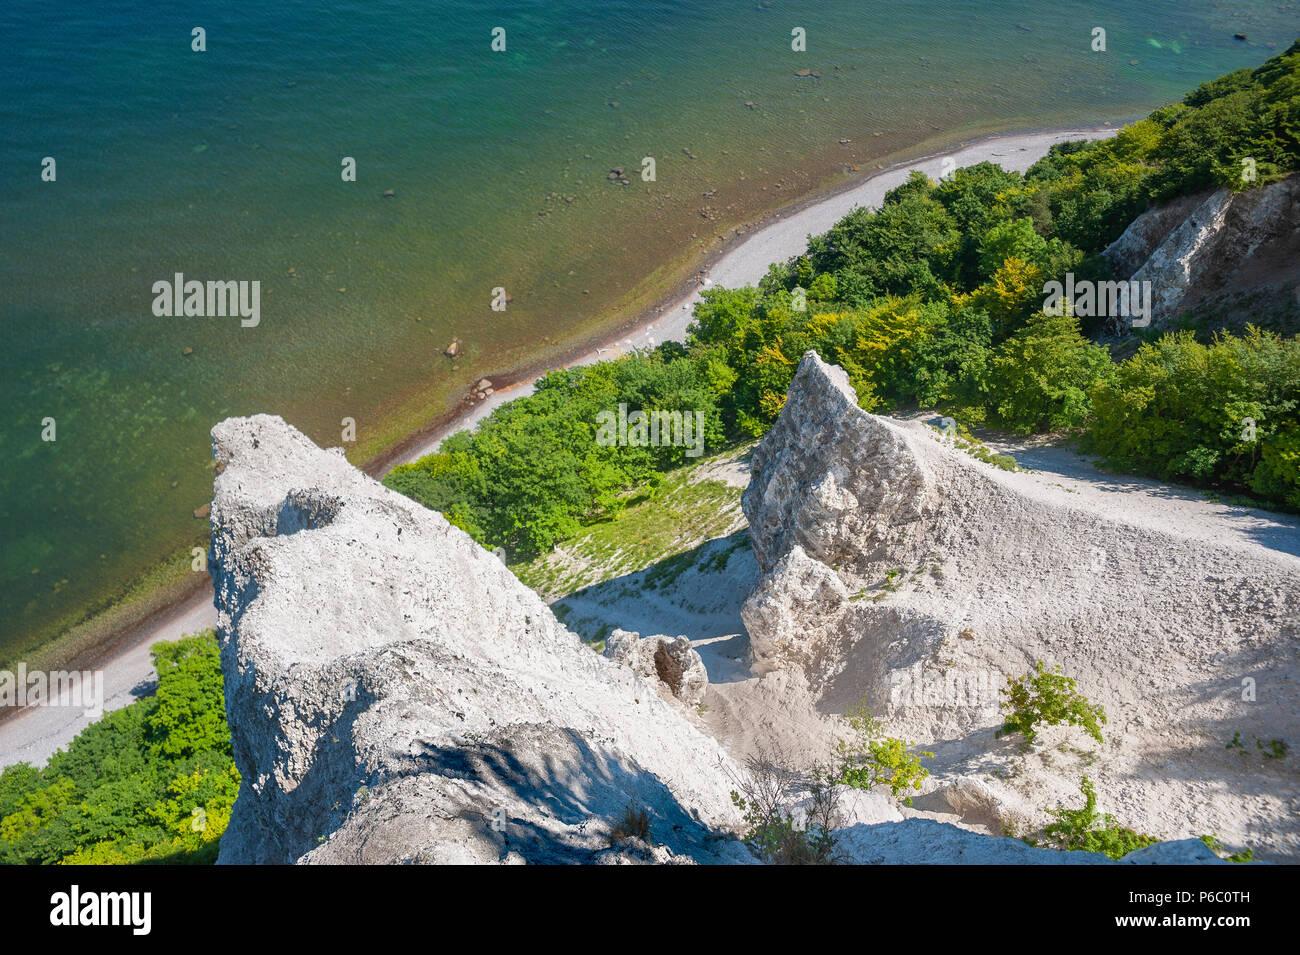 Chalk cliffs at the Victoriasicht observation point in the Jasmund National Park, Sassnitz, Rügen, Mecklenburg-Vorpommern, Germany, Europe Stock Photo